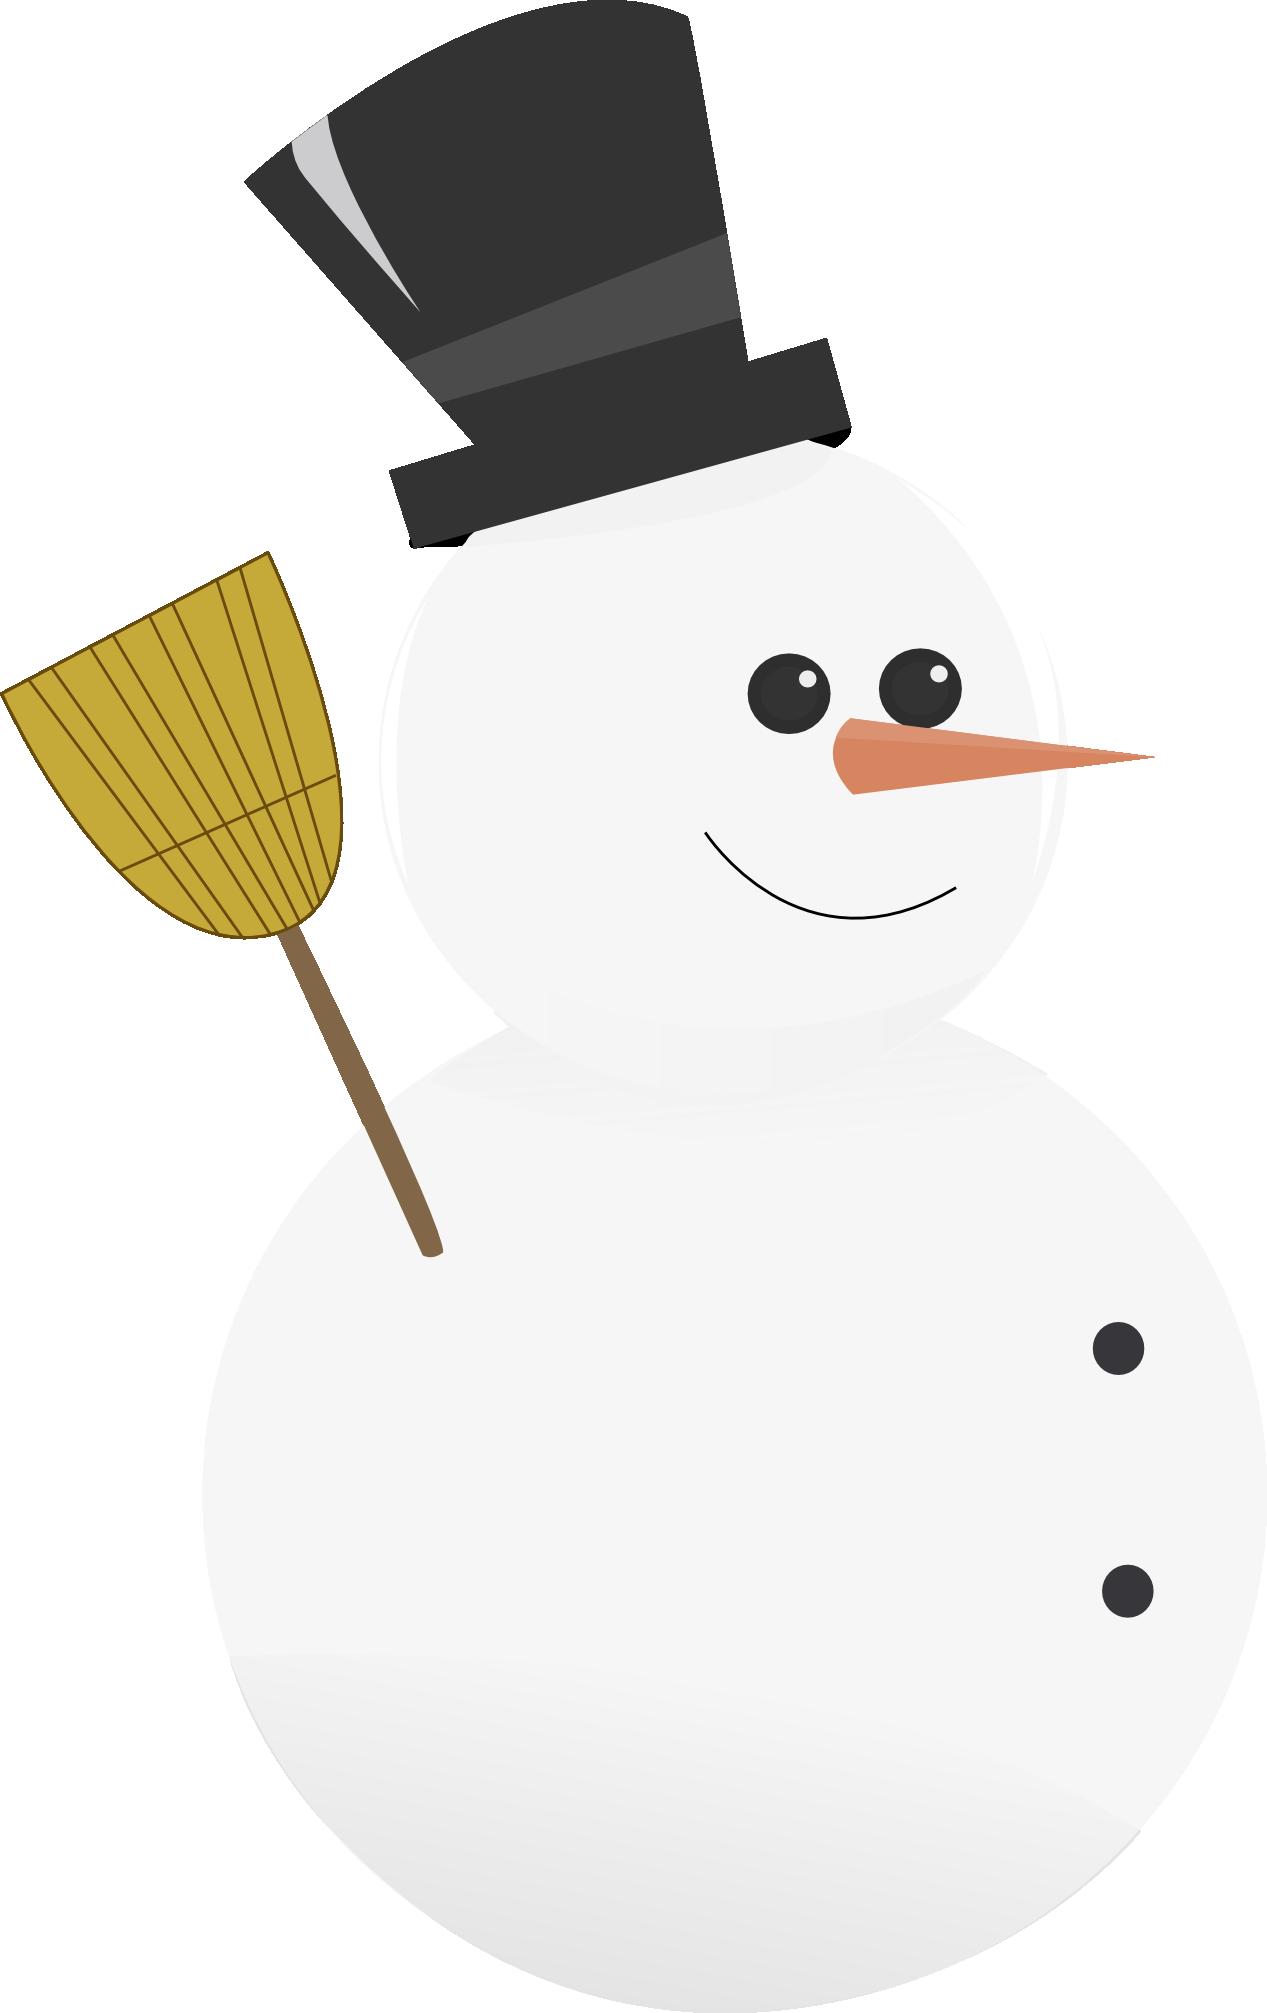 Snowman clipart country. Cute free new calendar